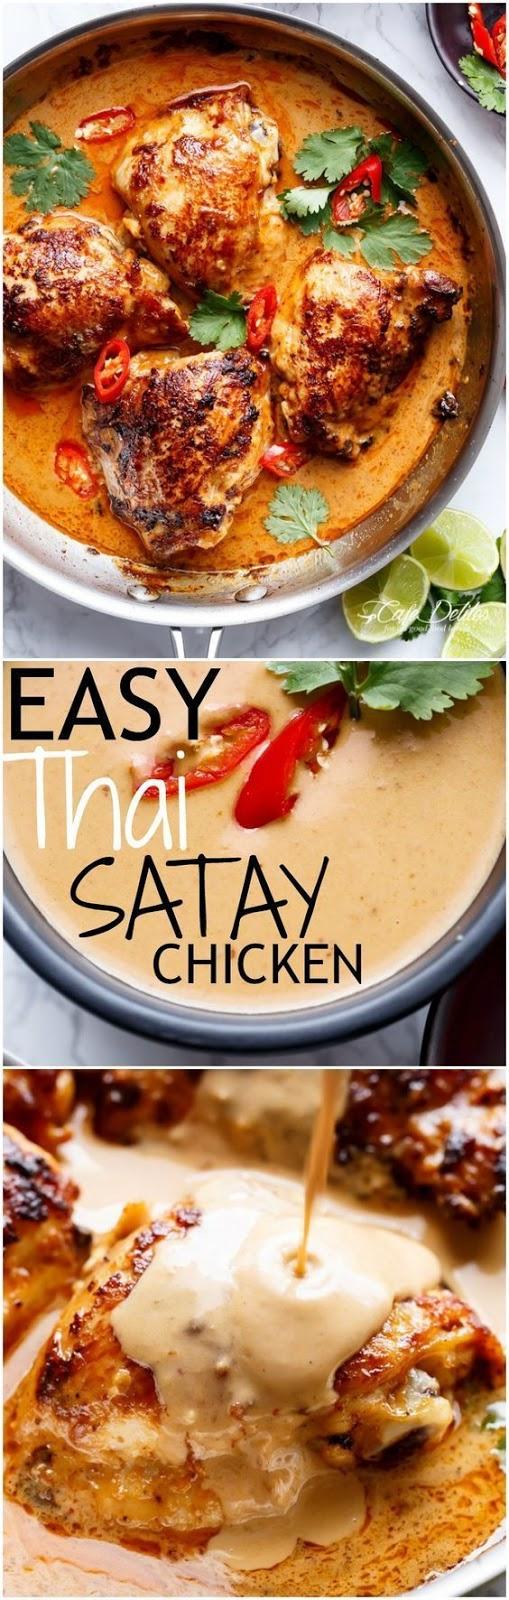 Easy Thaí Satay Chícken